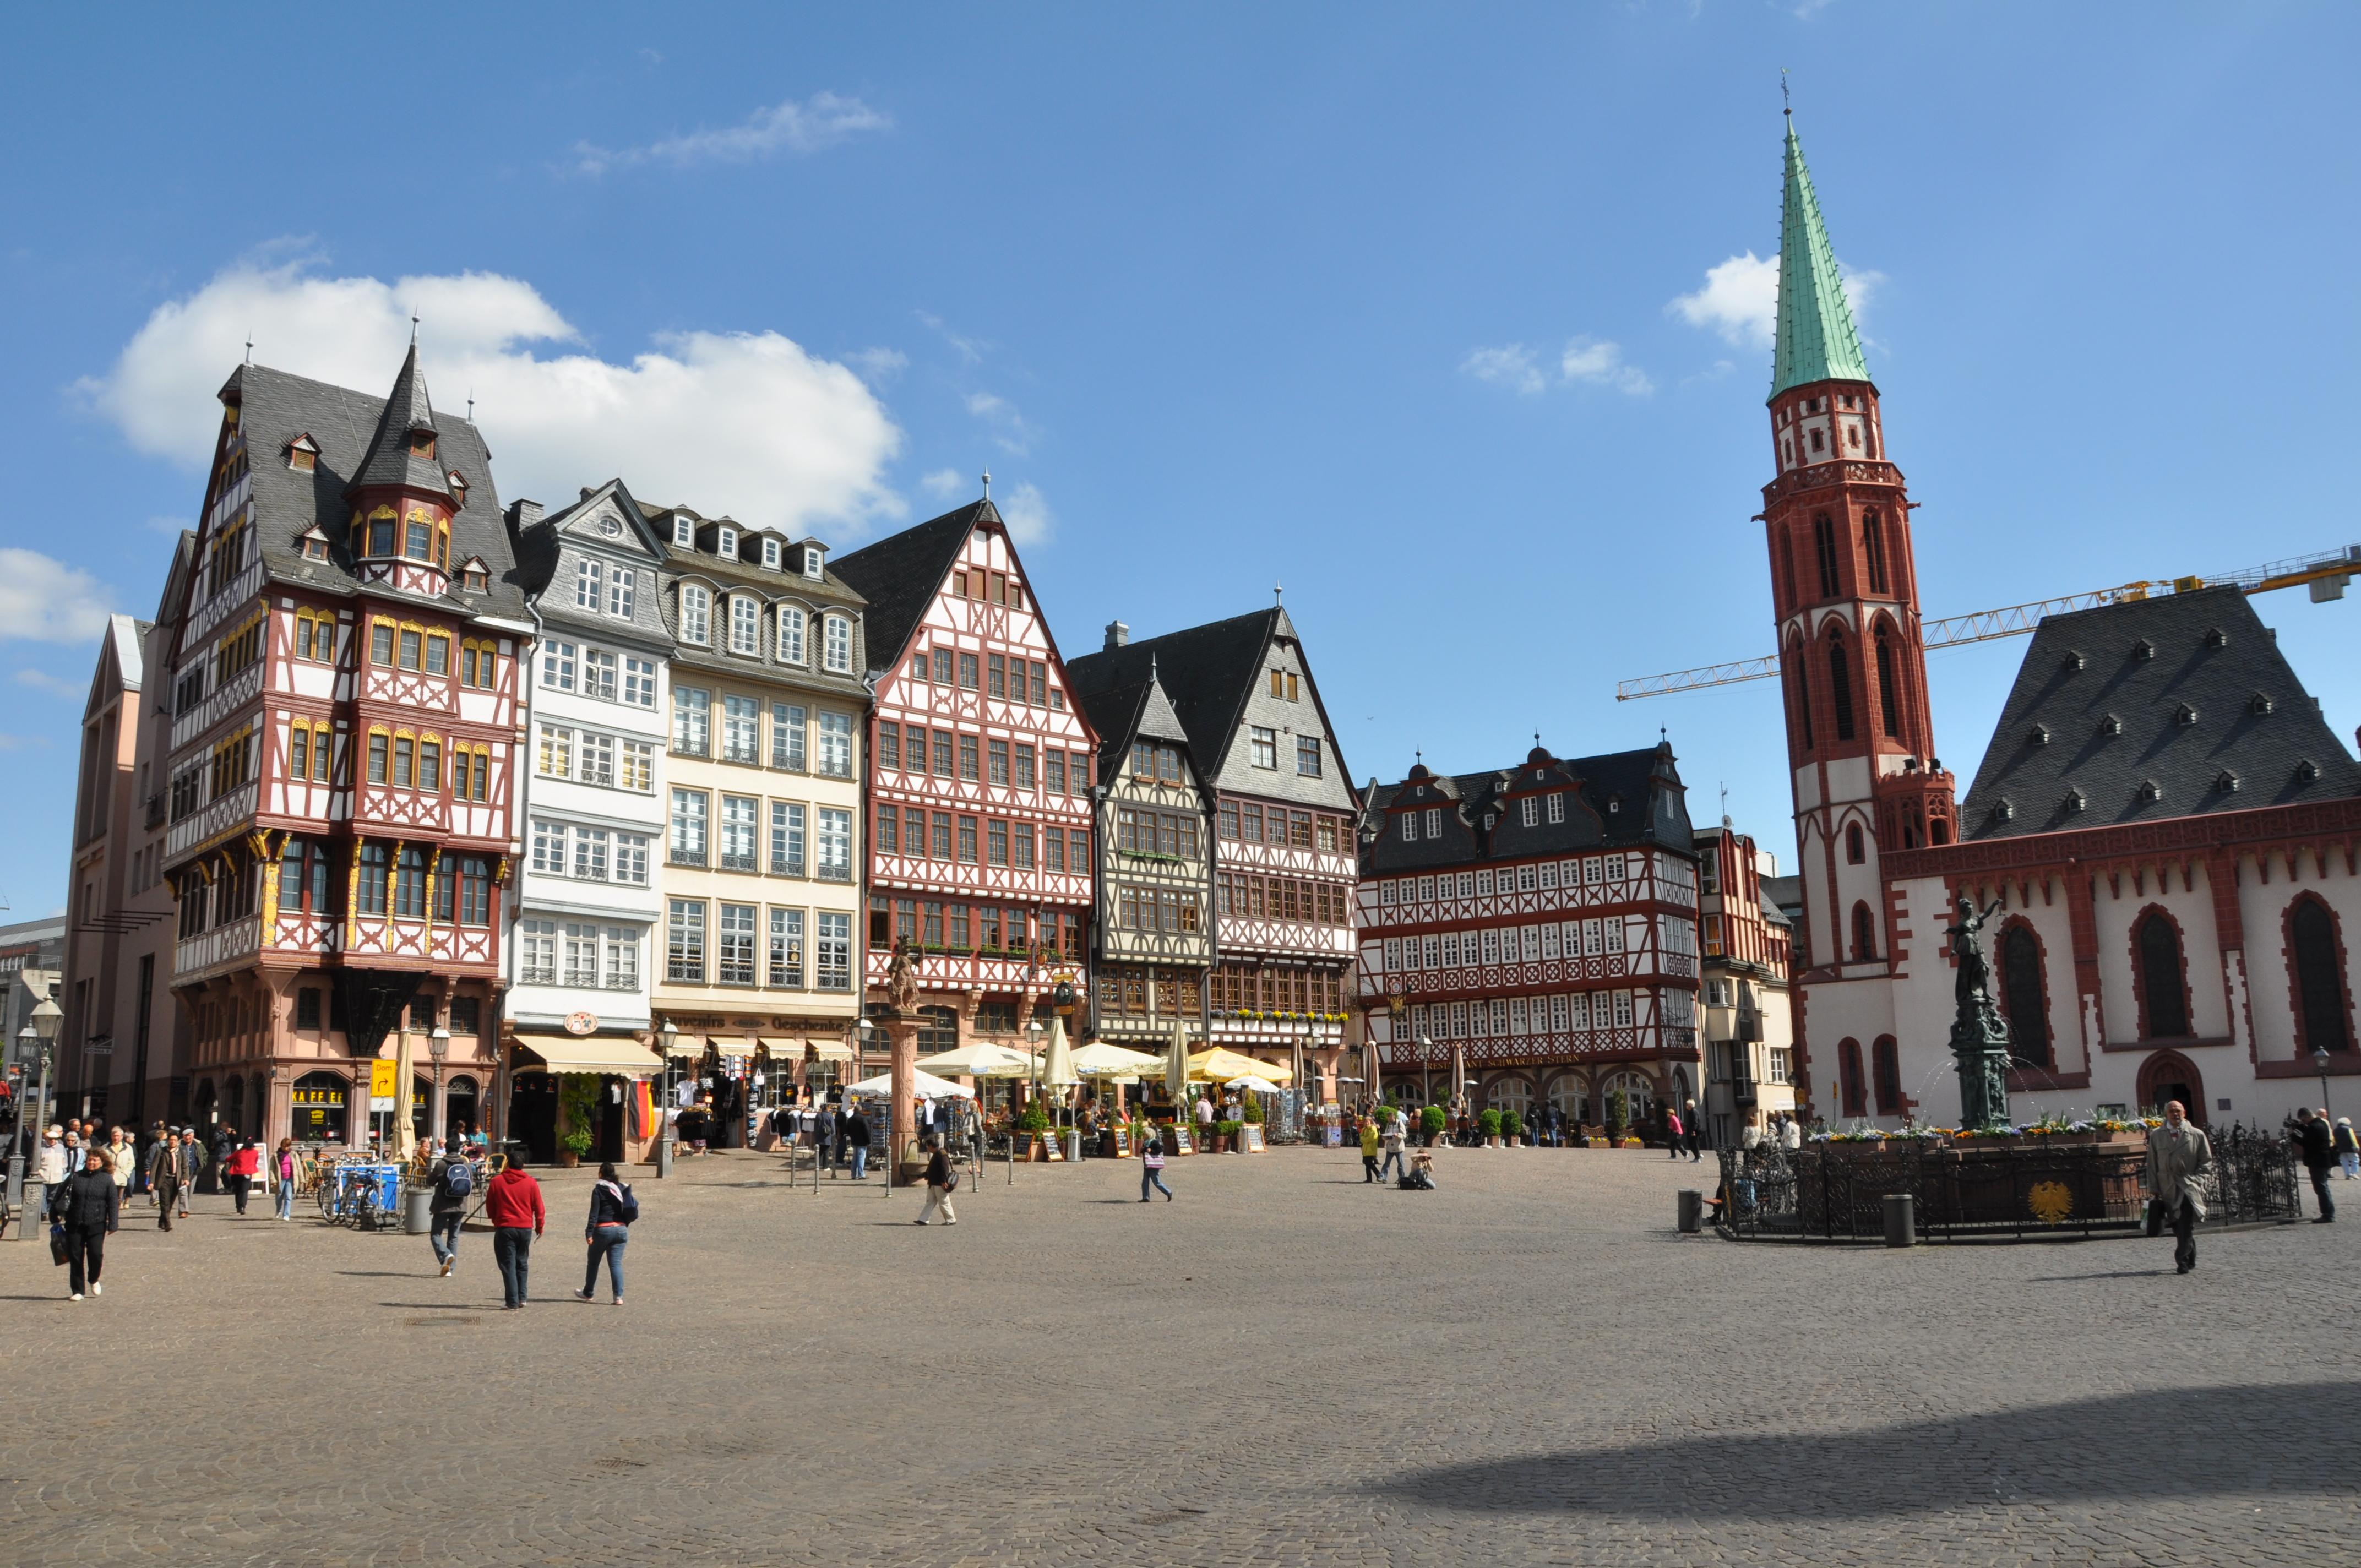 R 246 Merplatz Frankfurt Main Tourists About Frankfurt Main